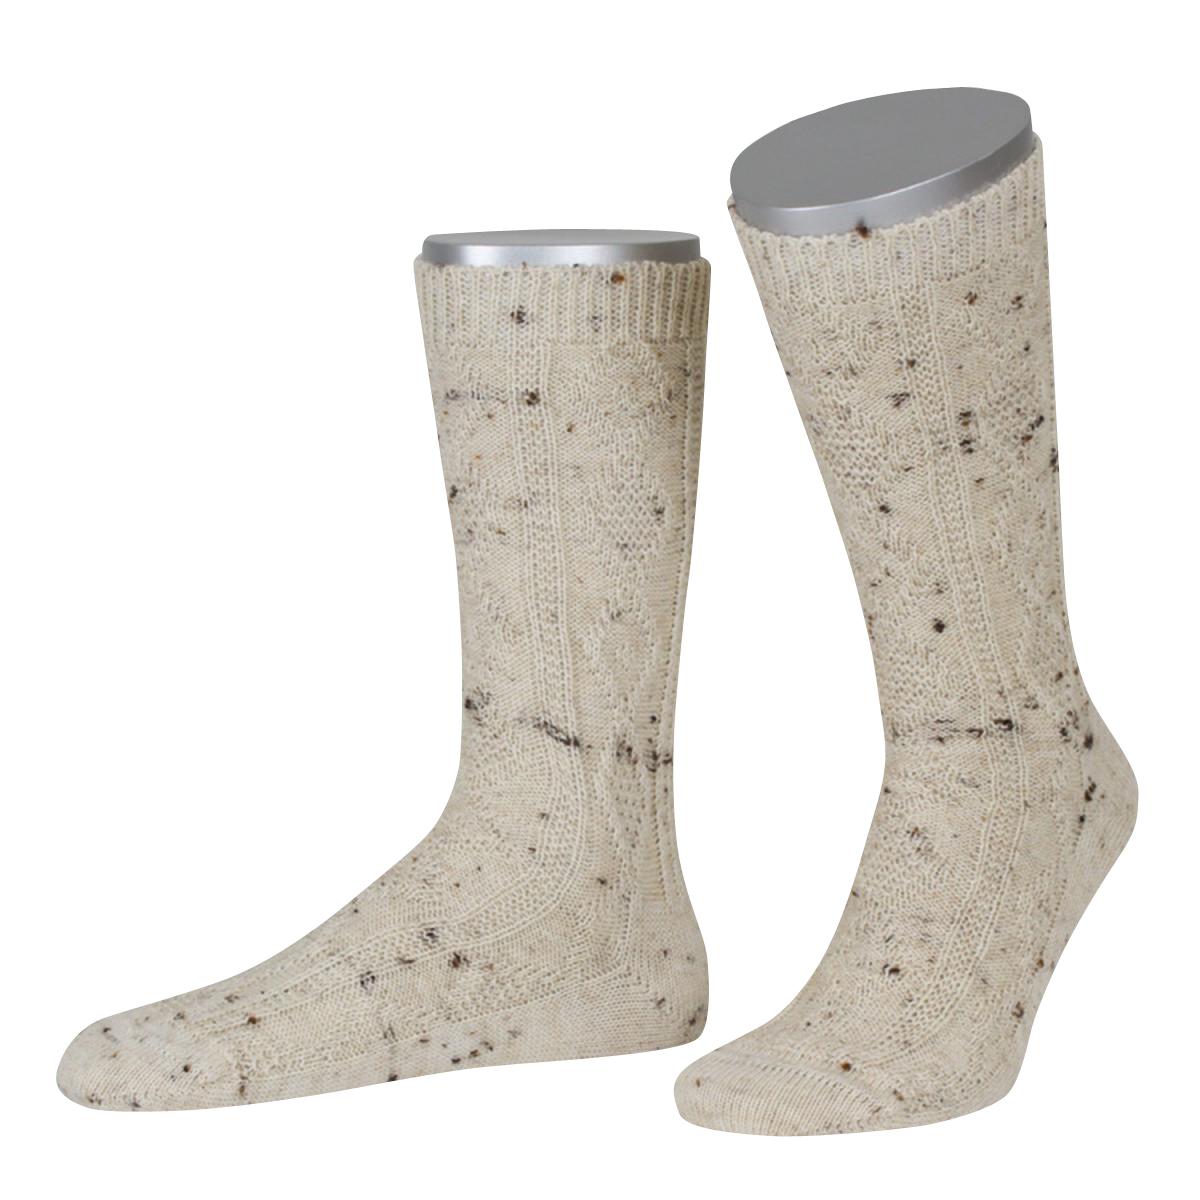 Trachtensocken zur Lederhose in Beige von Lusana günstig online kaufen